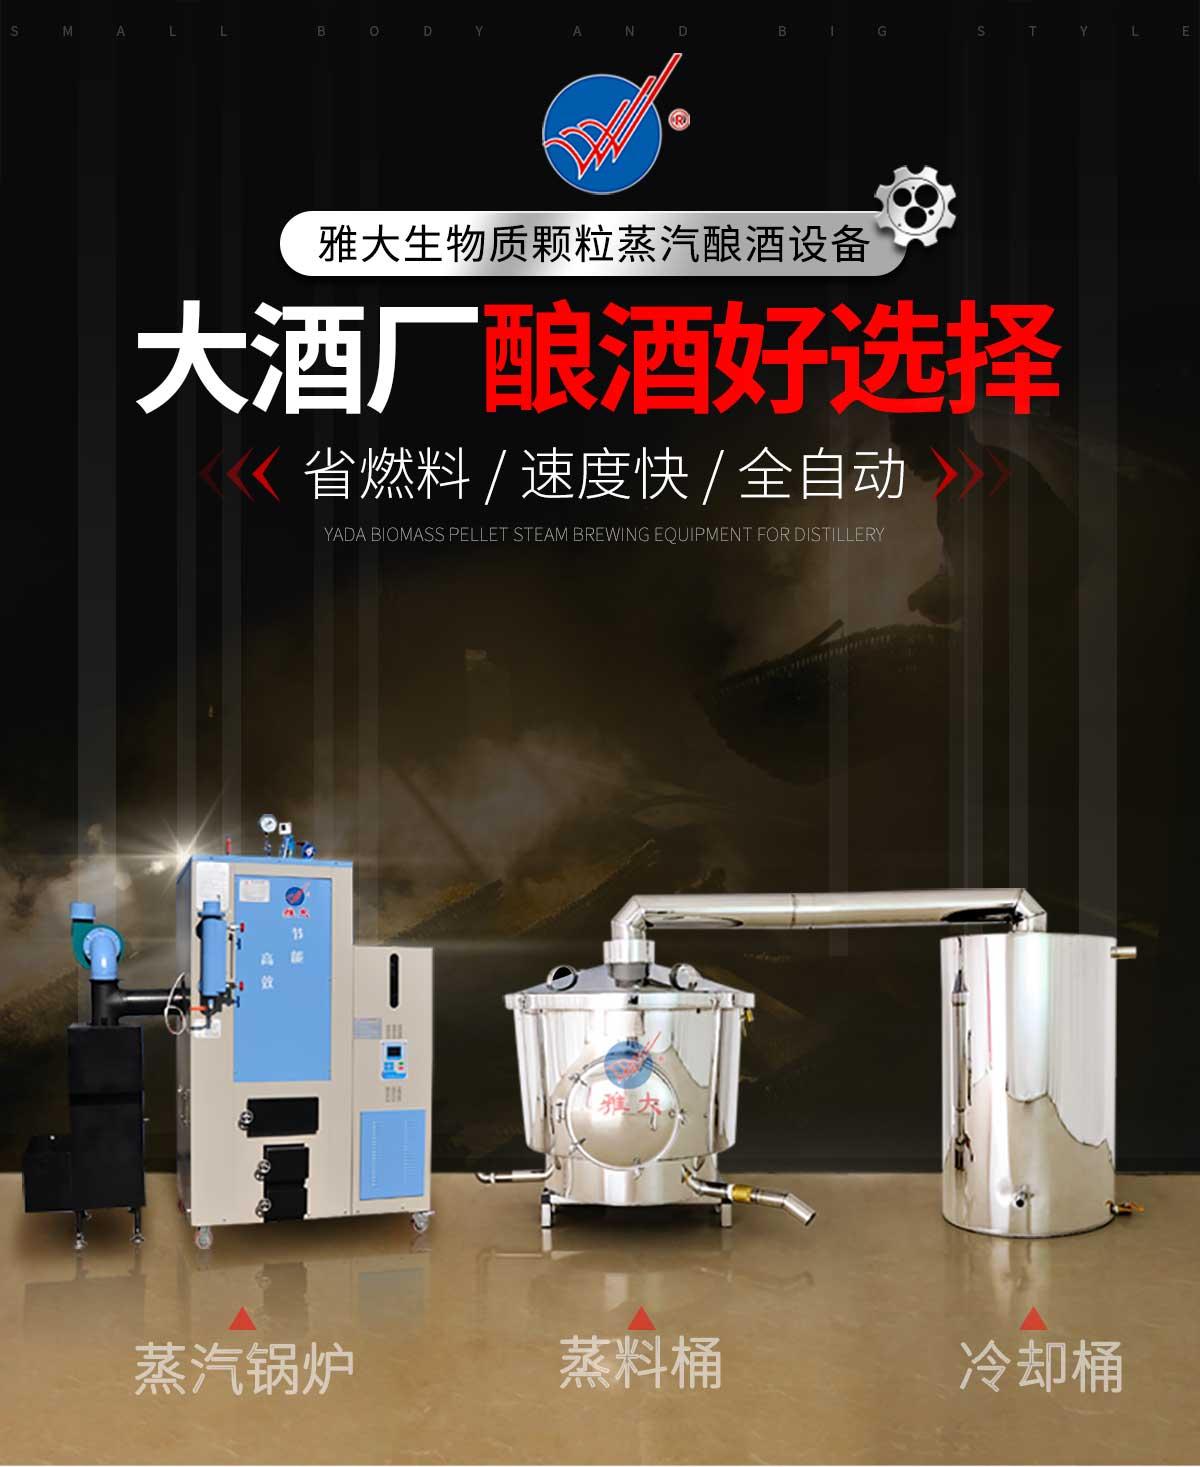 生物质颗粒蒸汽酿酒设备-定版---官网_01